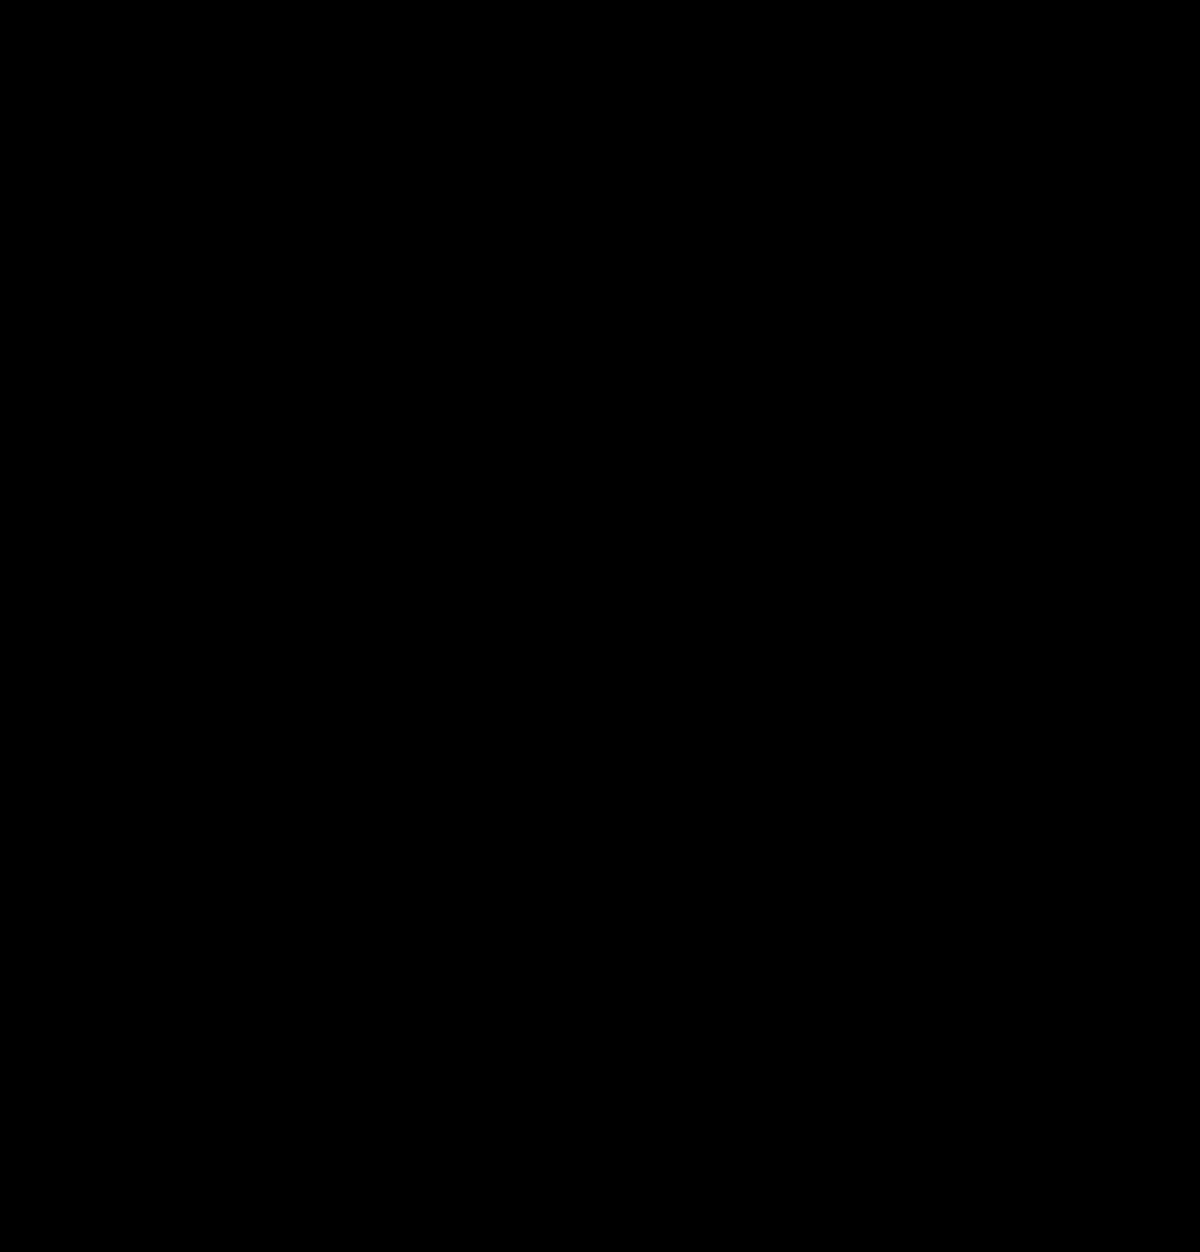 90454eaaa7b57 Bell Telephone Company - Wikipedia